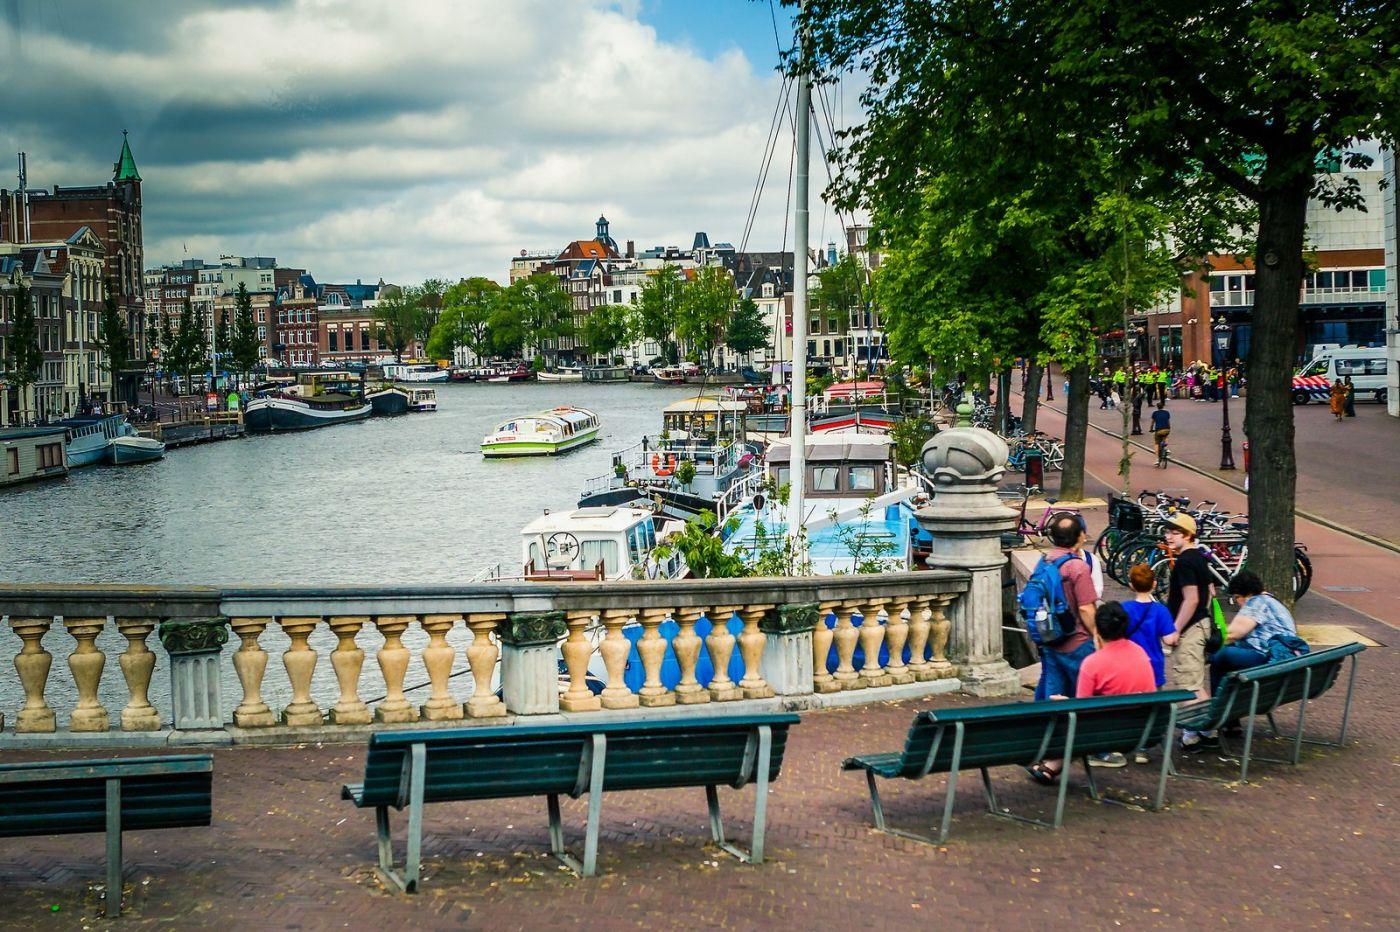 荷兰阿姆斯特丹,穿梭的自行车_图1-6